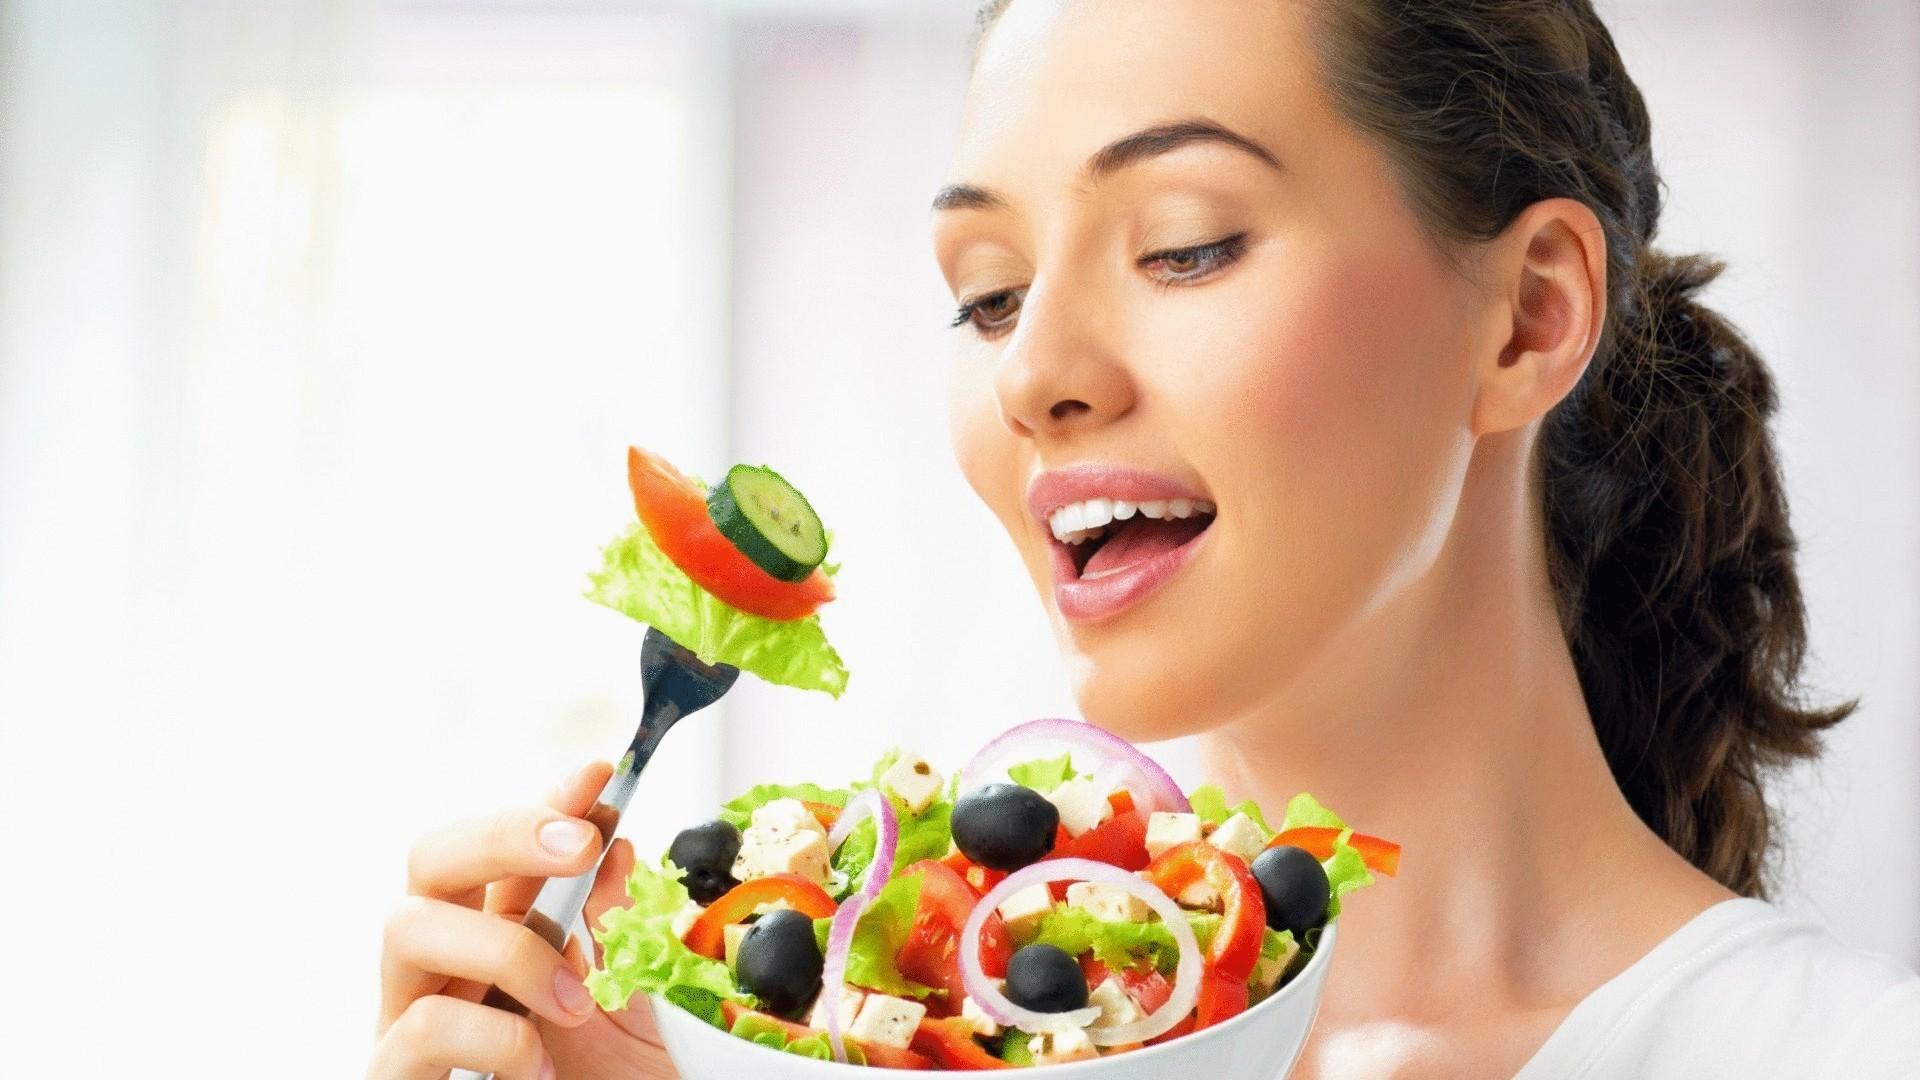 Пережевывание пищи полезно для здоровья— ученые